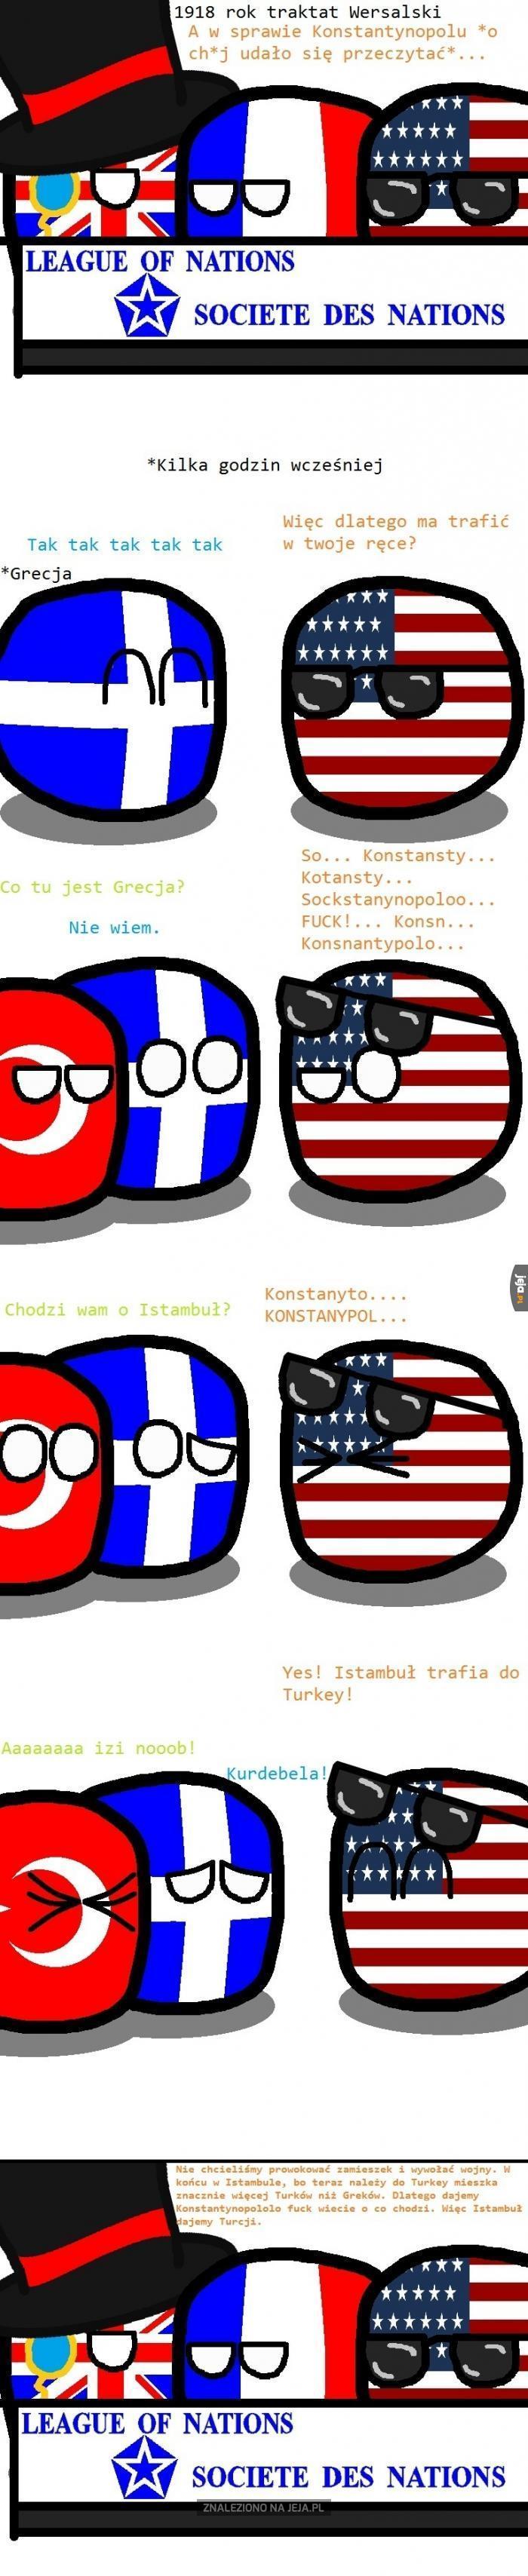 Konstantynopol czy Istambuł?